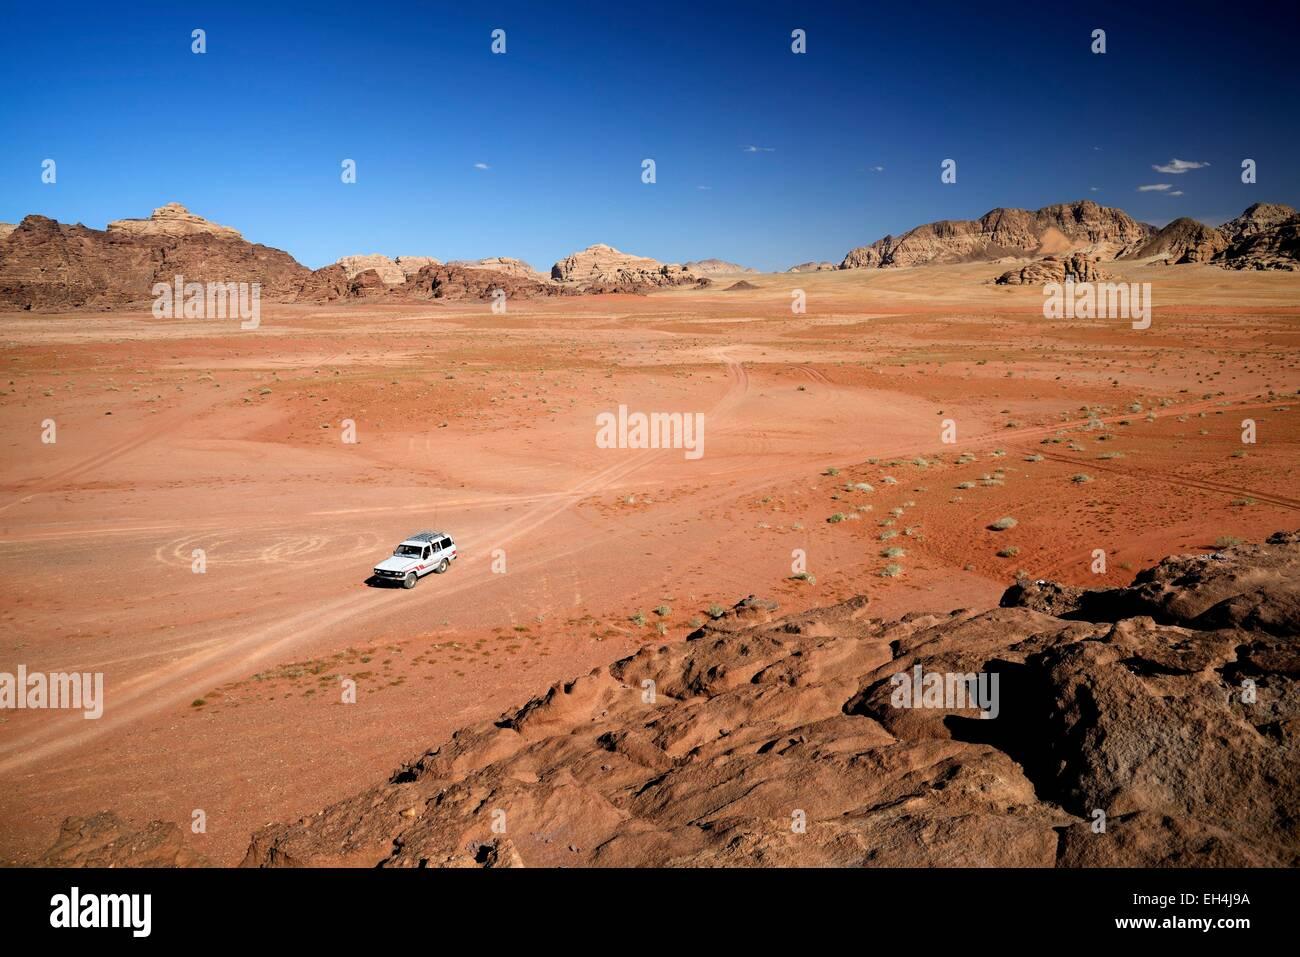 La Jordanie, Wadi Rum, zone protégée inscrite au Patrimoine Mondial de l'UNESCO, la voiture, le désert Photo Stock